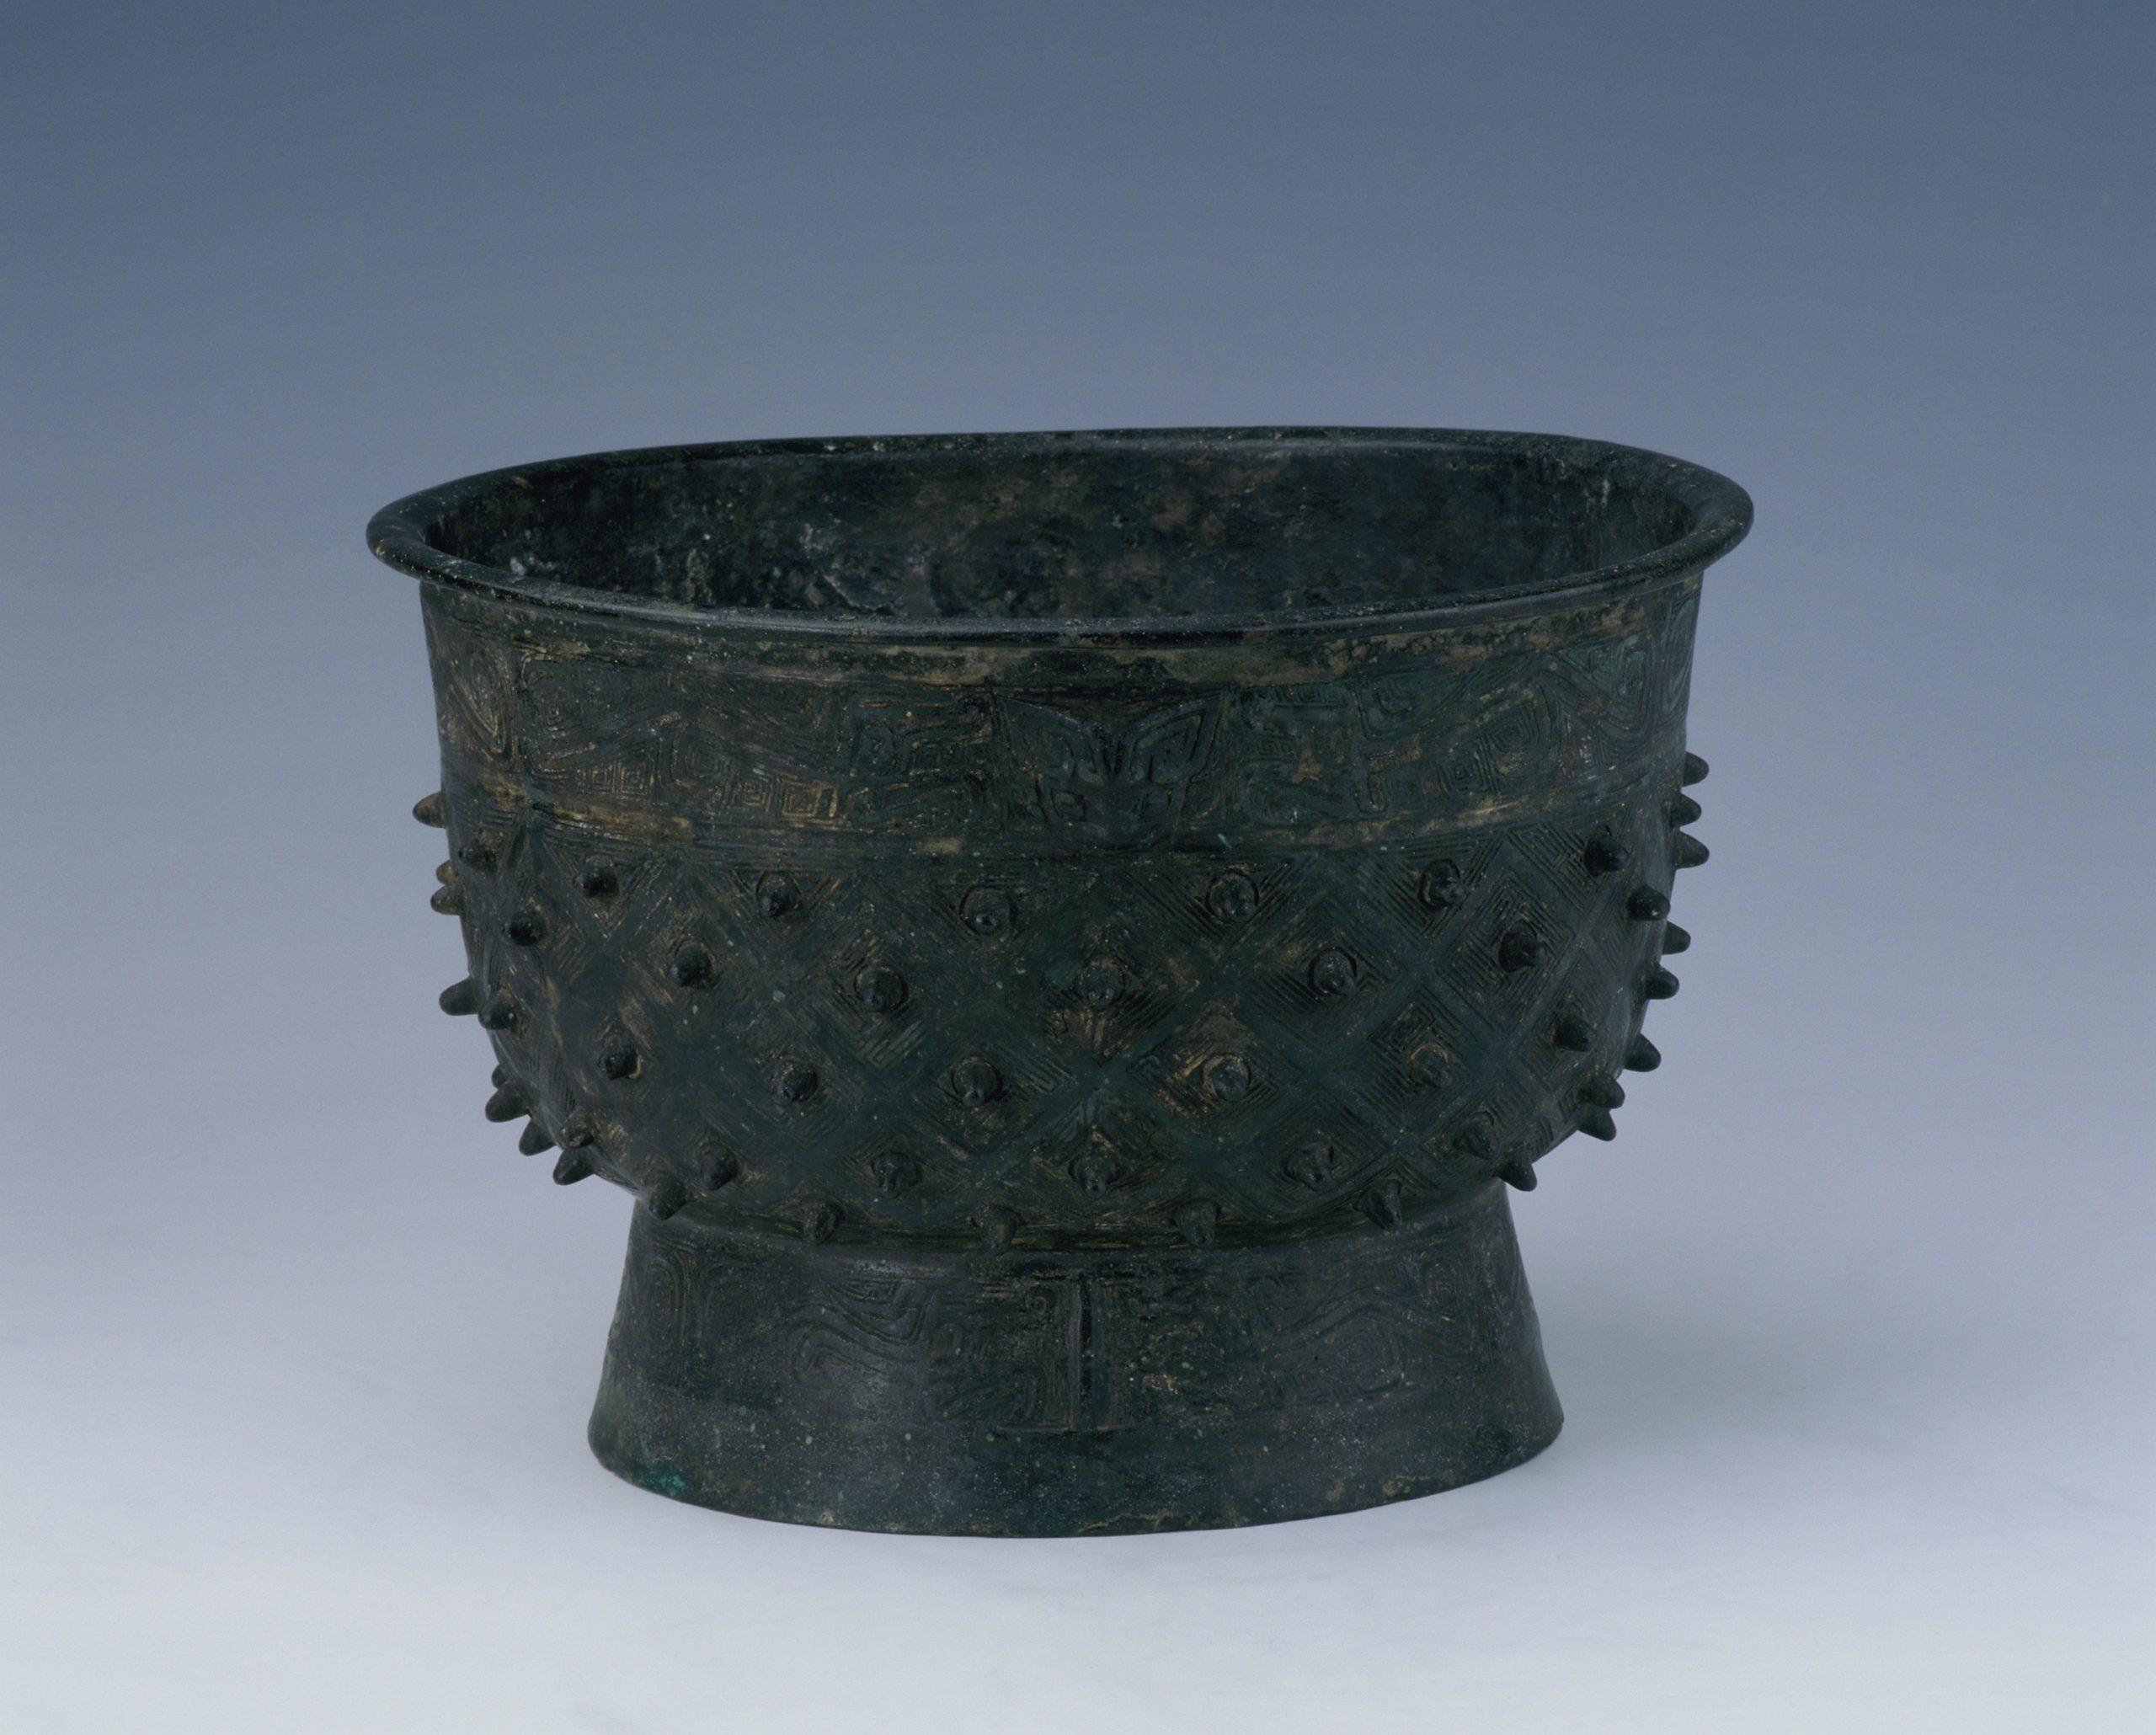 """9.""""父己""""铜簋 Vase gui 簋 en bronze inscrit Fuyi 父己"""